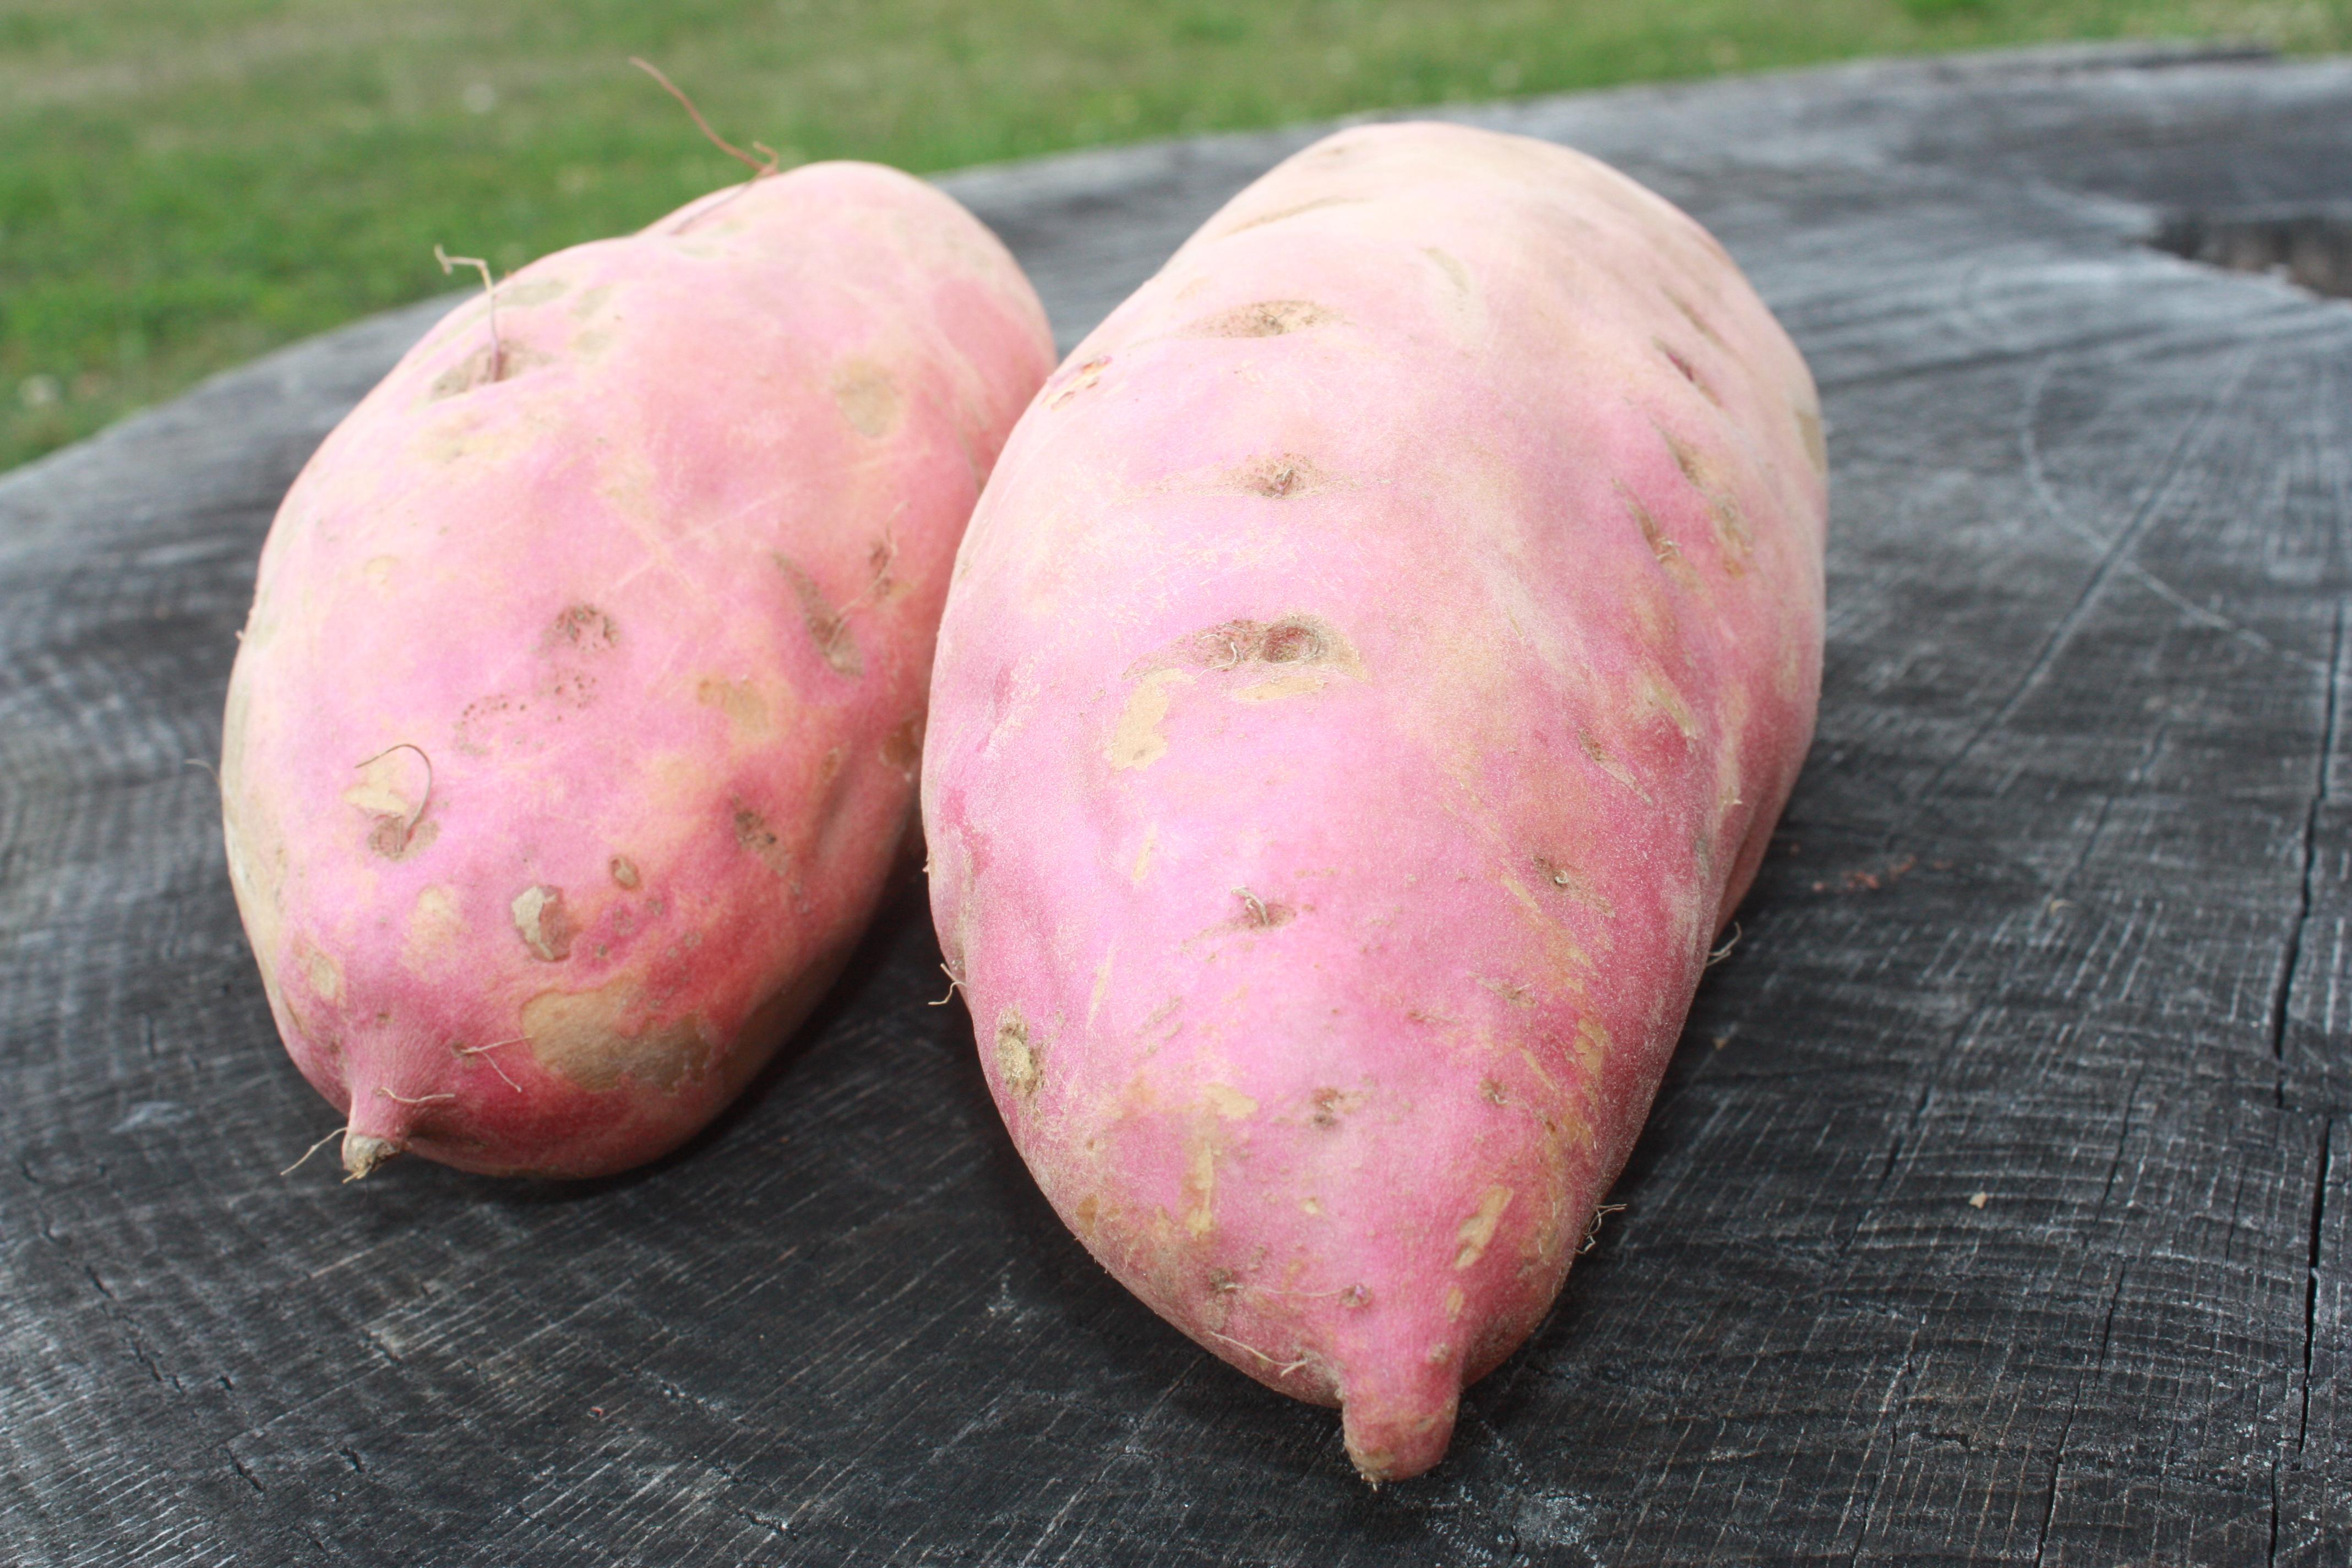 La patate douce, star de l'hiver!